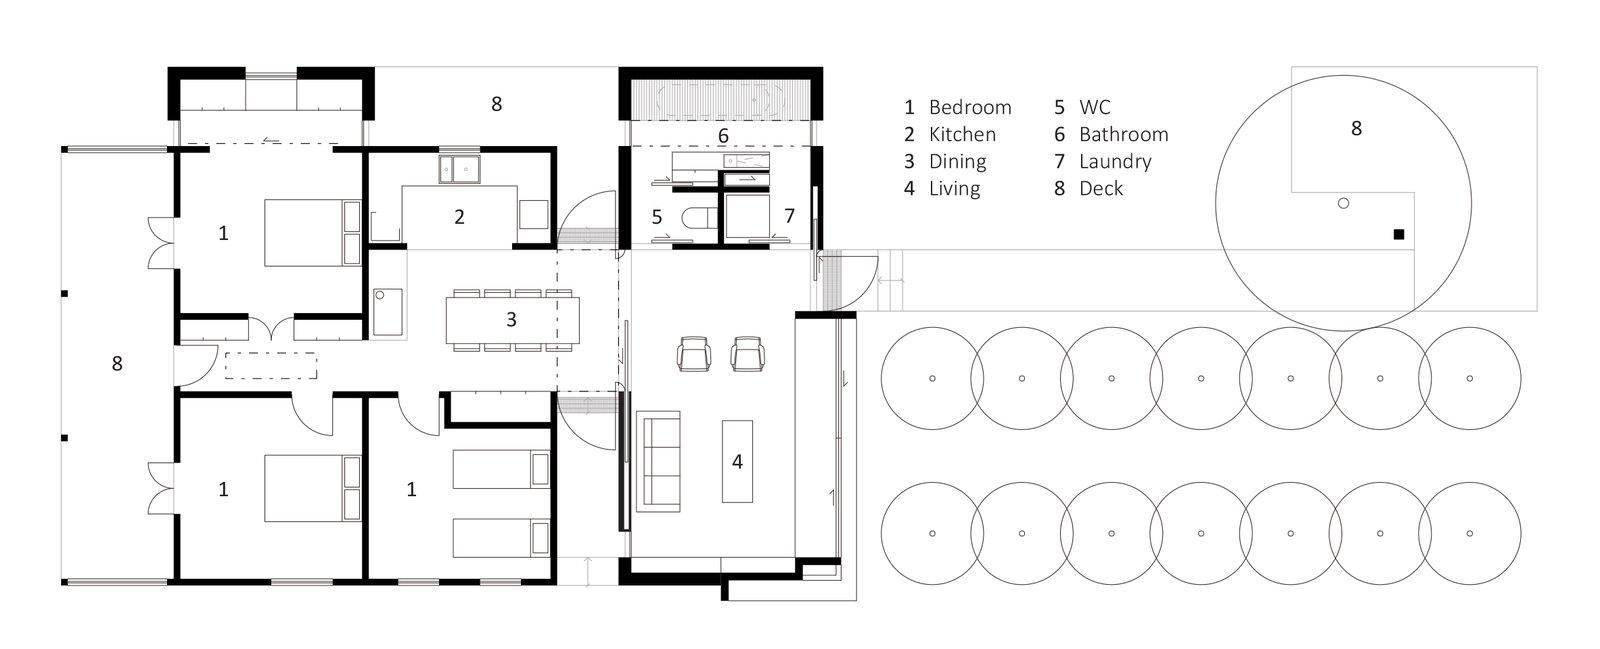 Project plan  Kihilla by James Thomas Barclay